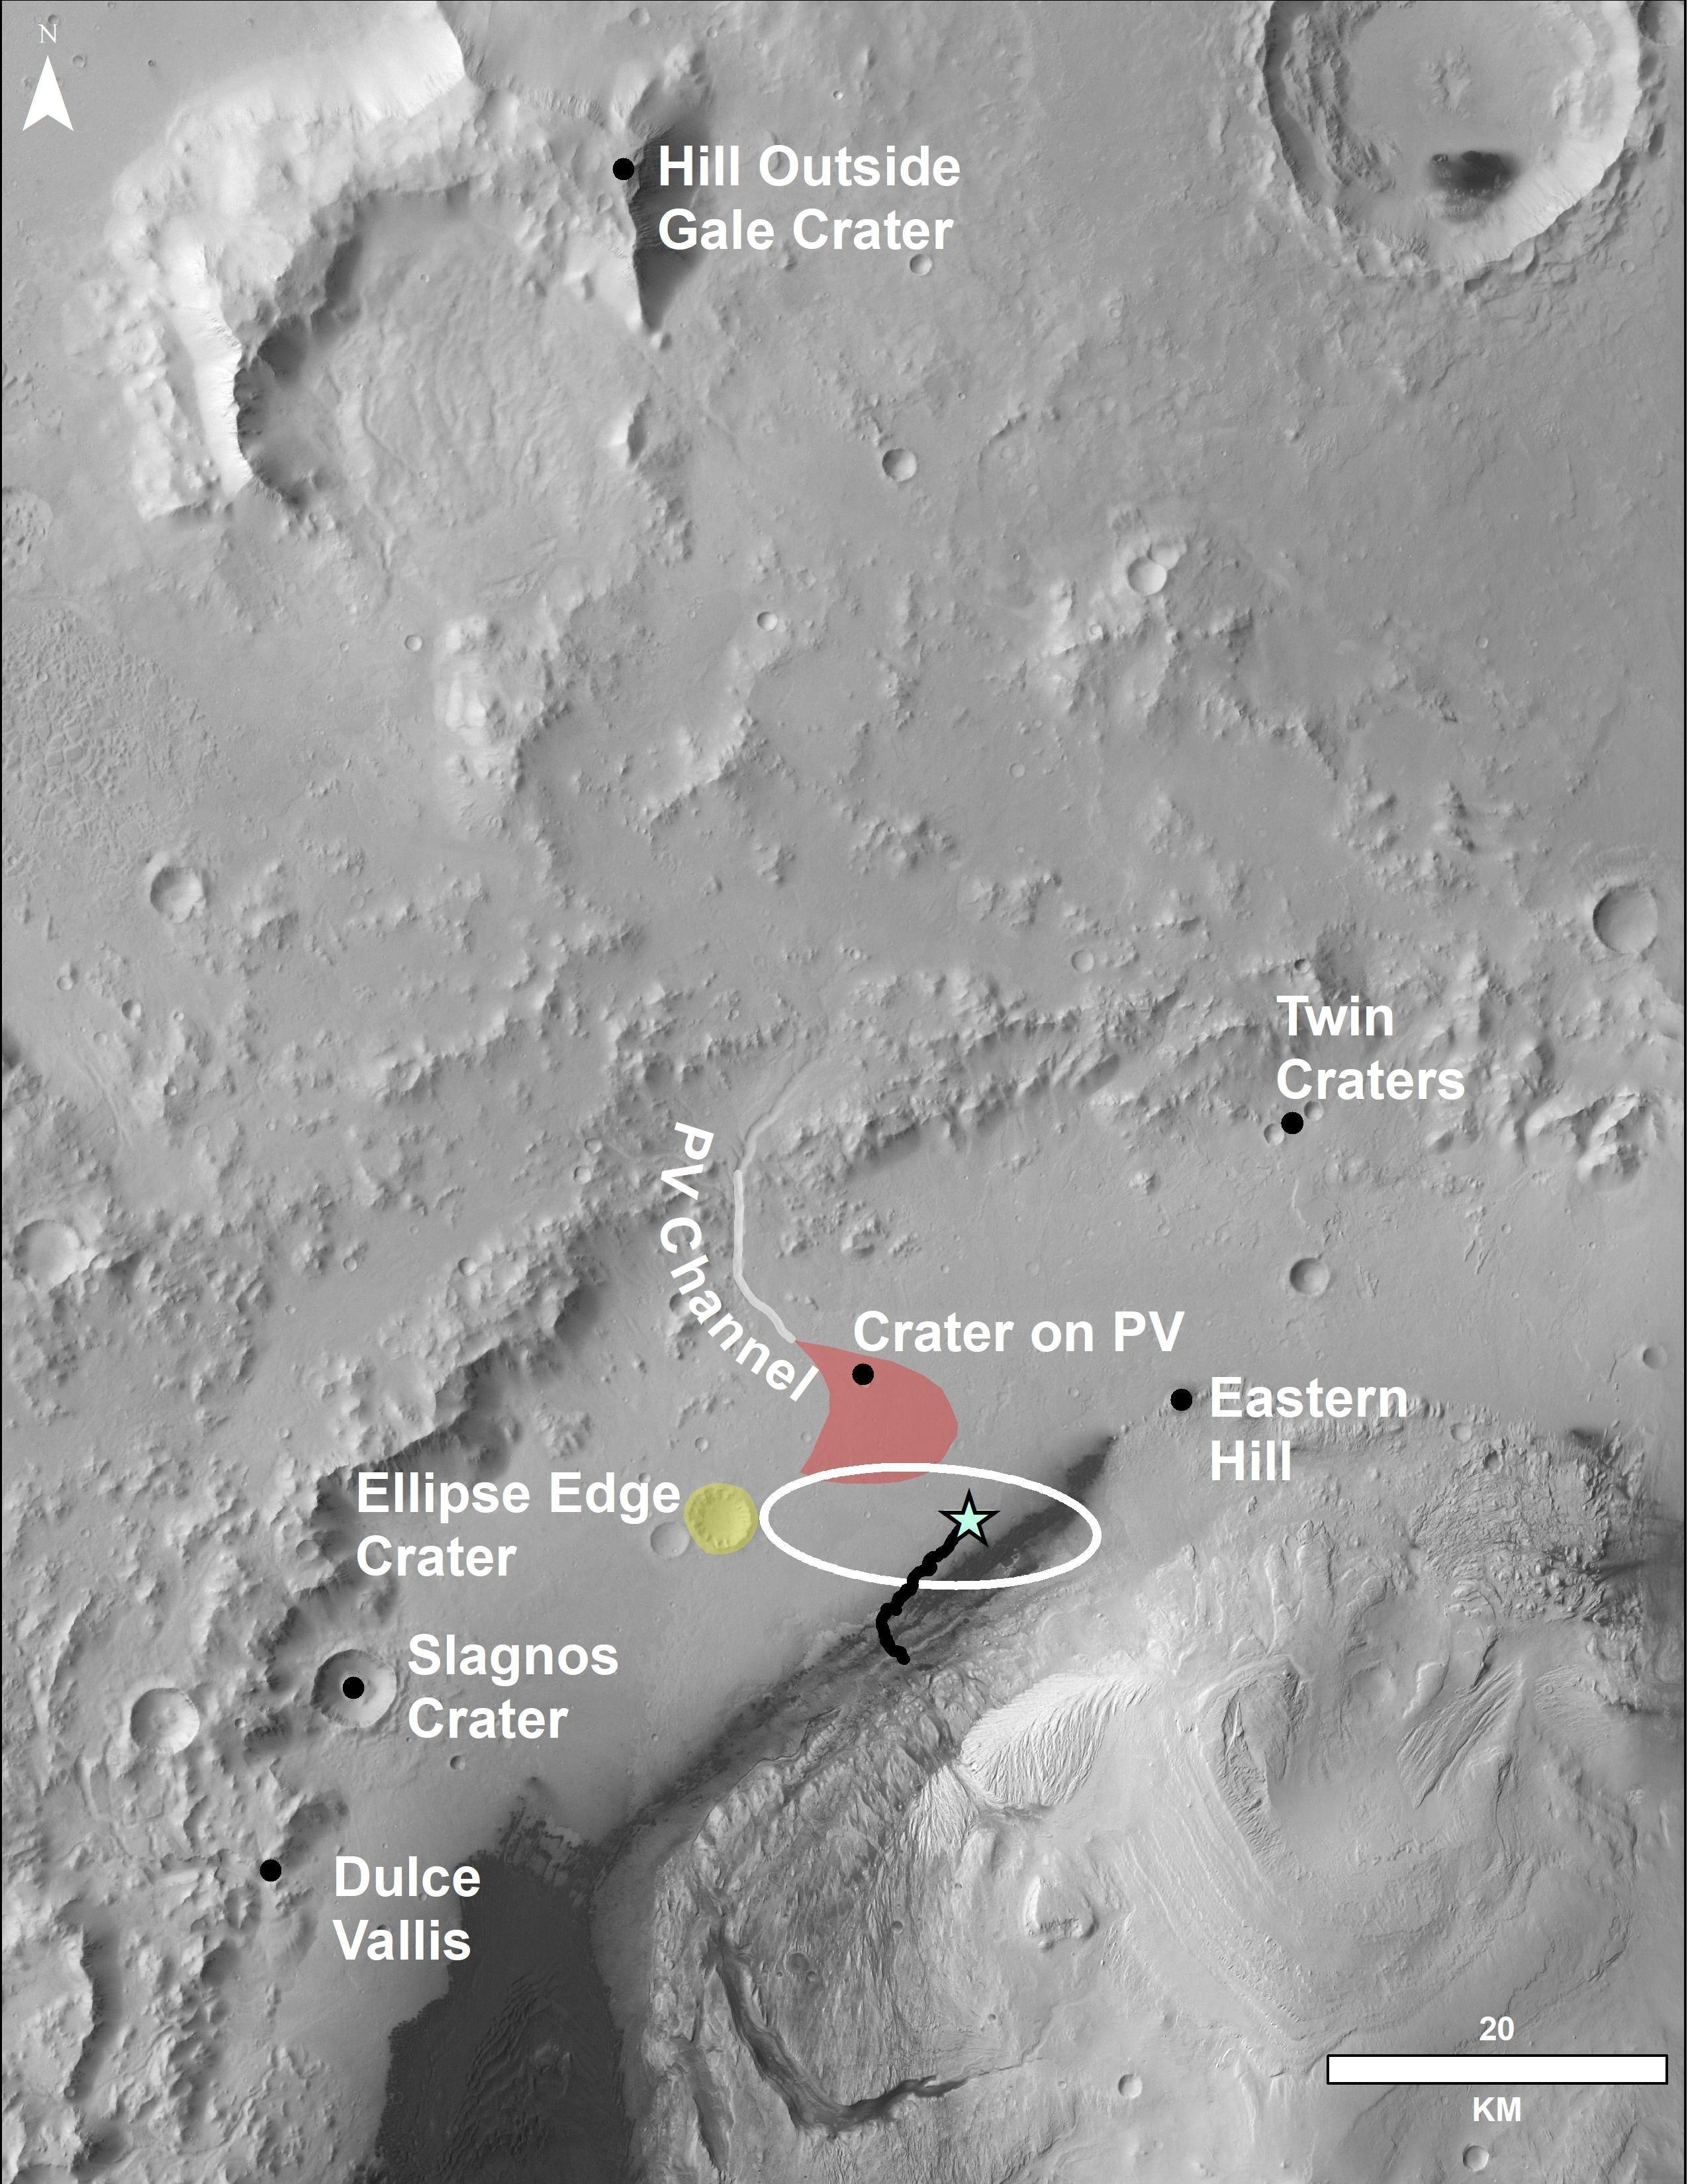 Esta foto aérea muestra la zona donde se encuentra el rover Curiosity y donde ha viajado hasta ahora. El cráter en la parte superior de la imagen se encuentra a más de 80 km del rover.